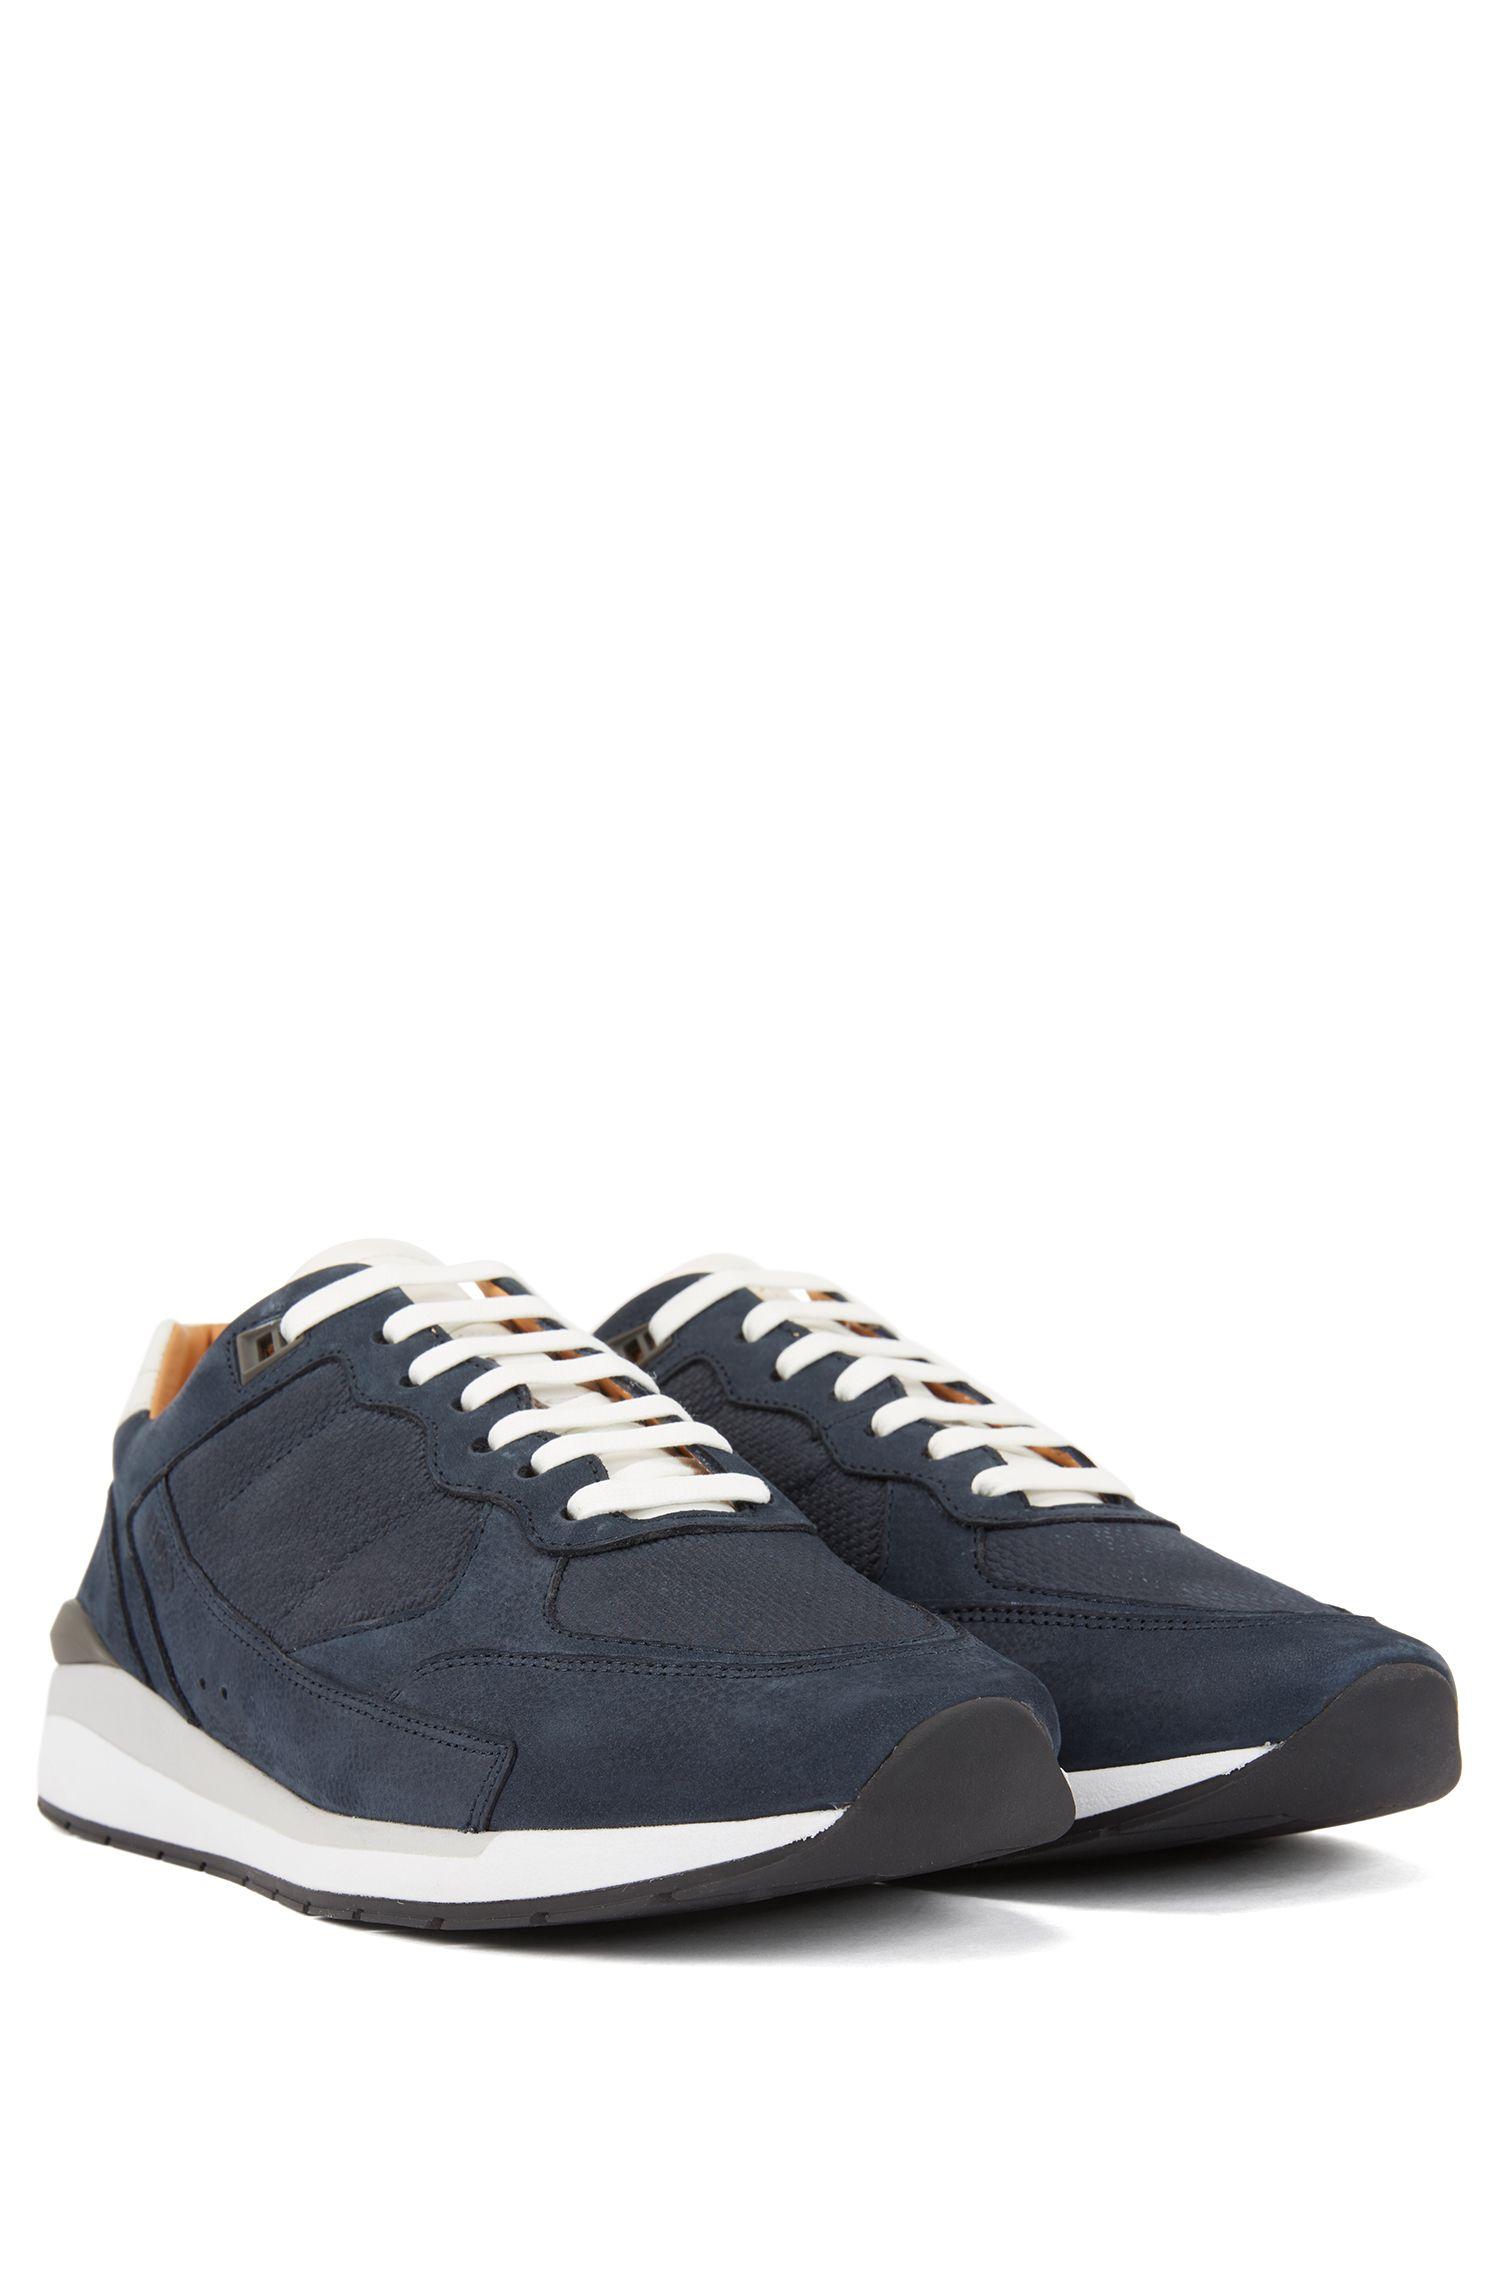 Sneakers mit Einsätzen mit Monogramm-Prägung, Dunkelblau